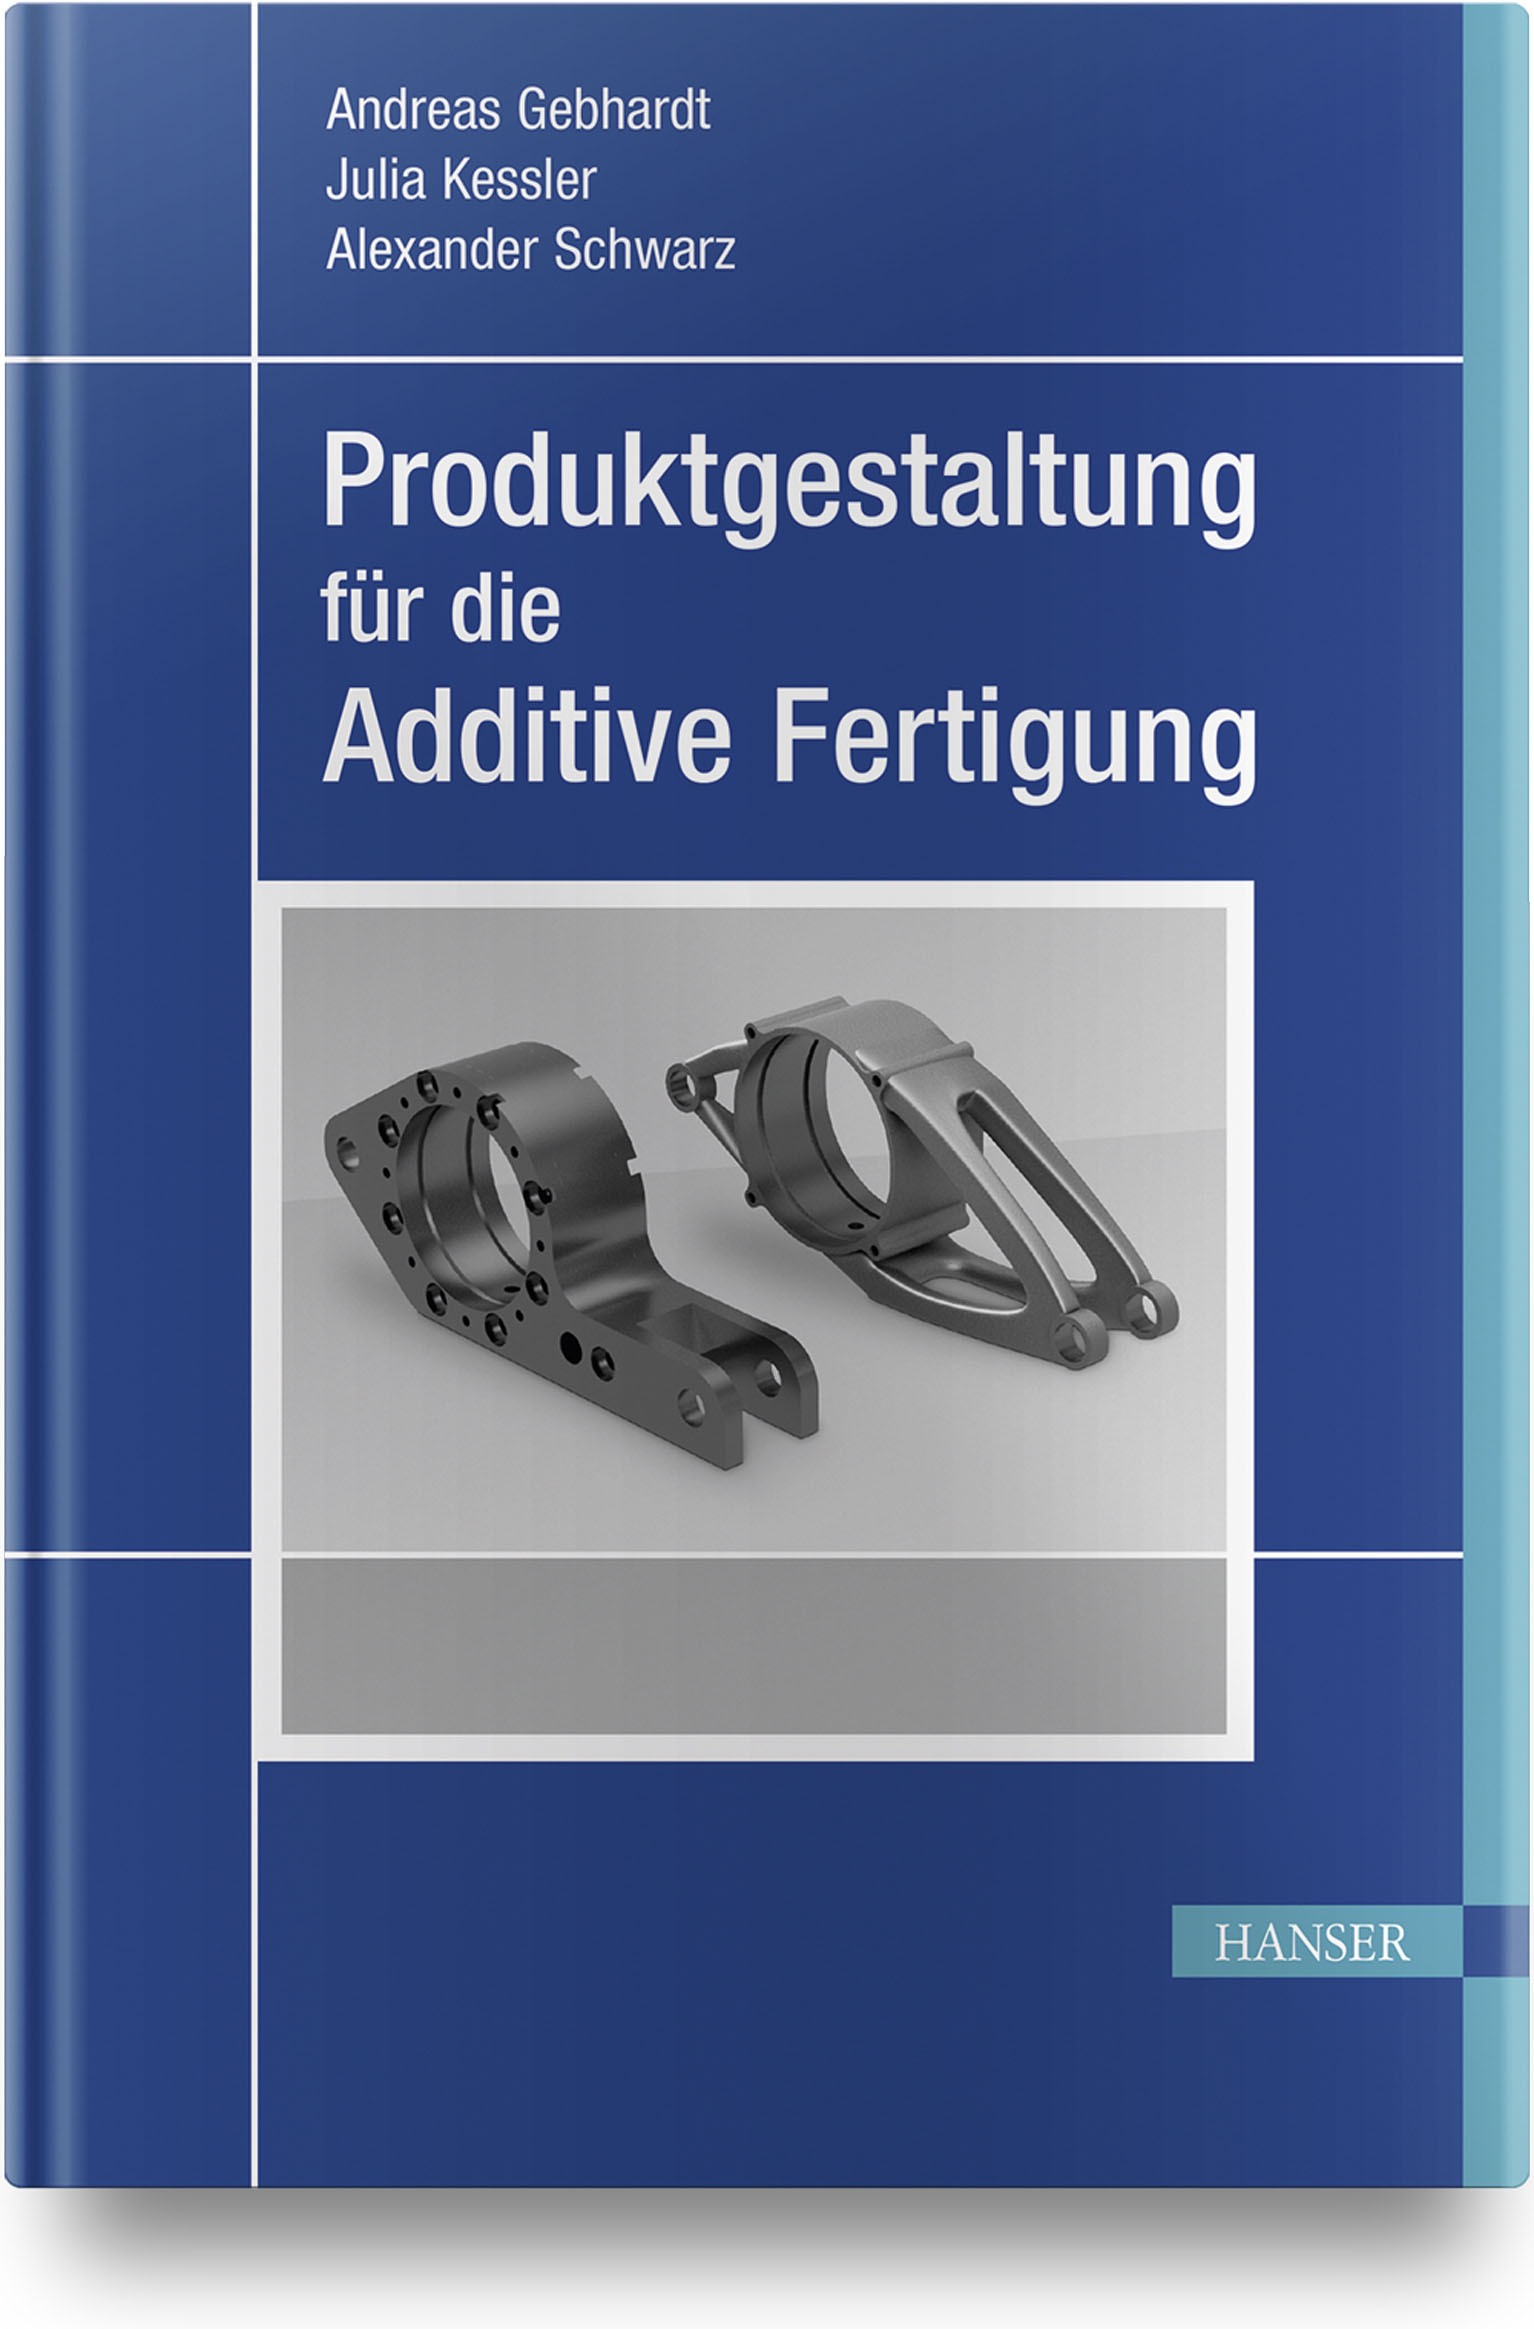 Gebhardt, Kessler, Schwarz, Produktgestaltung für die Additive Fertigung, 978-3-446-45285-5